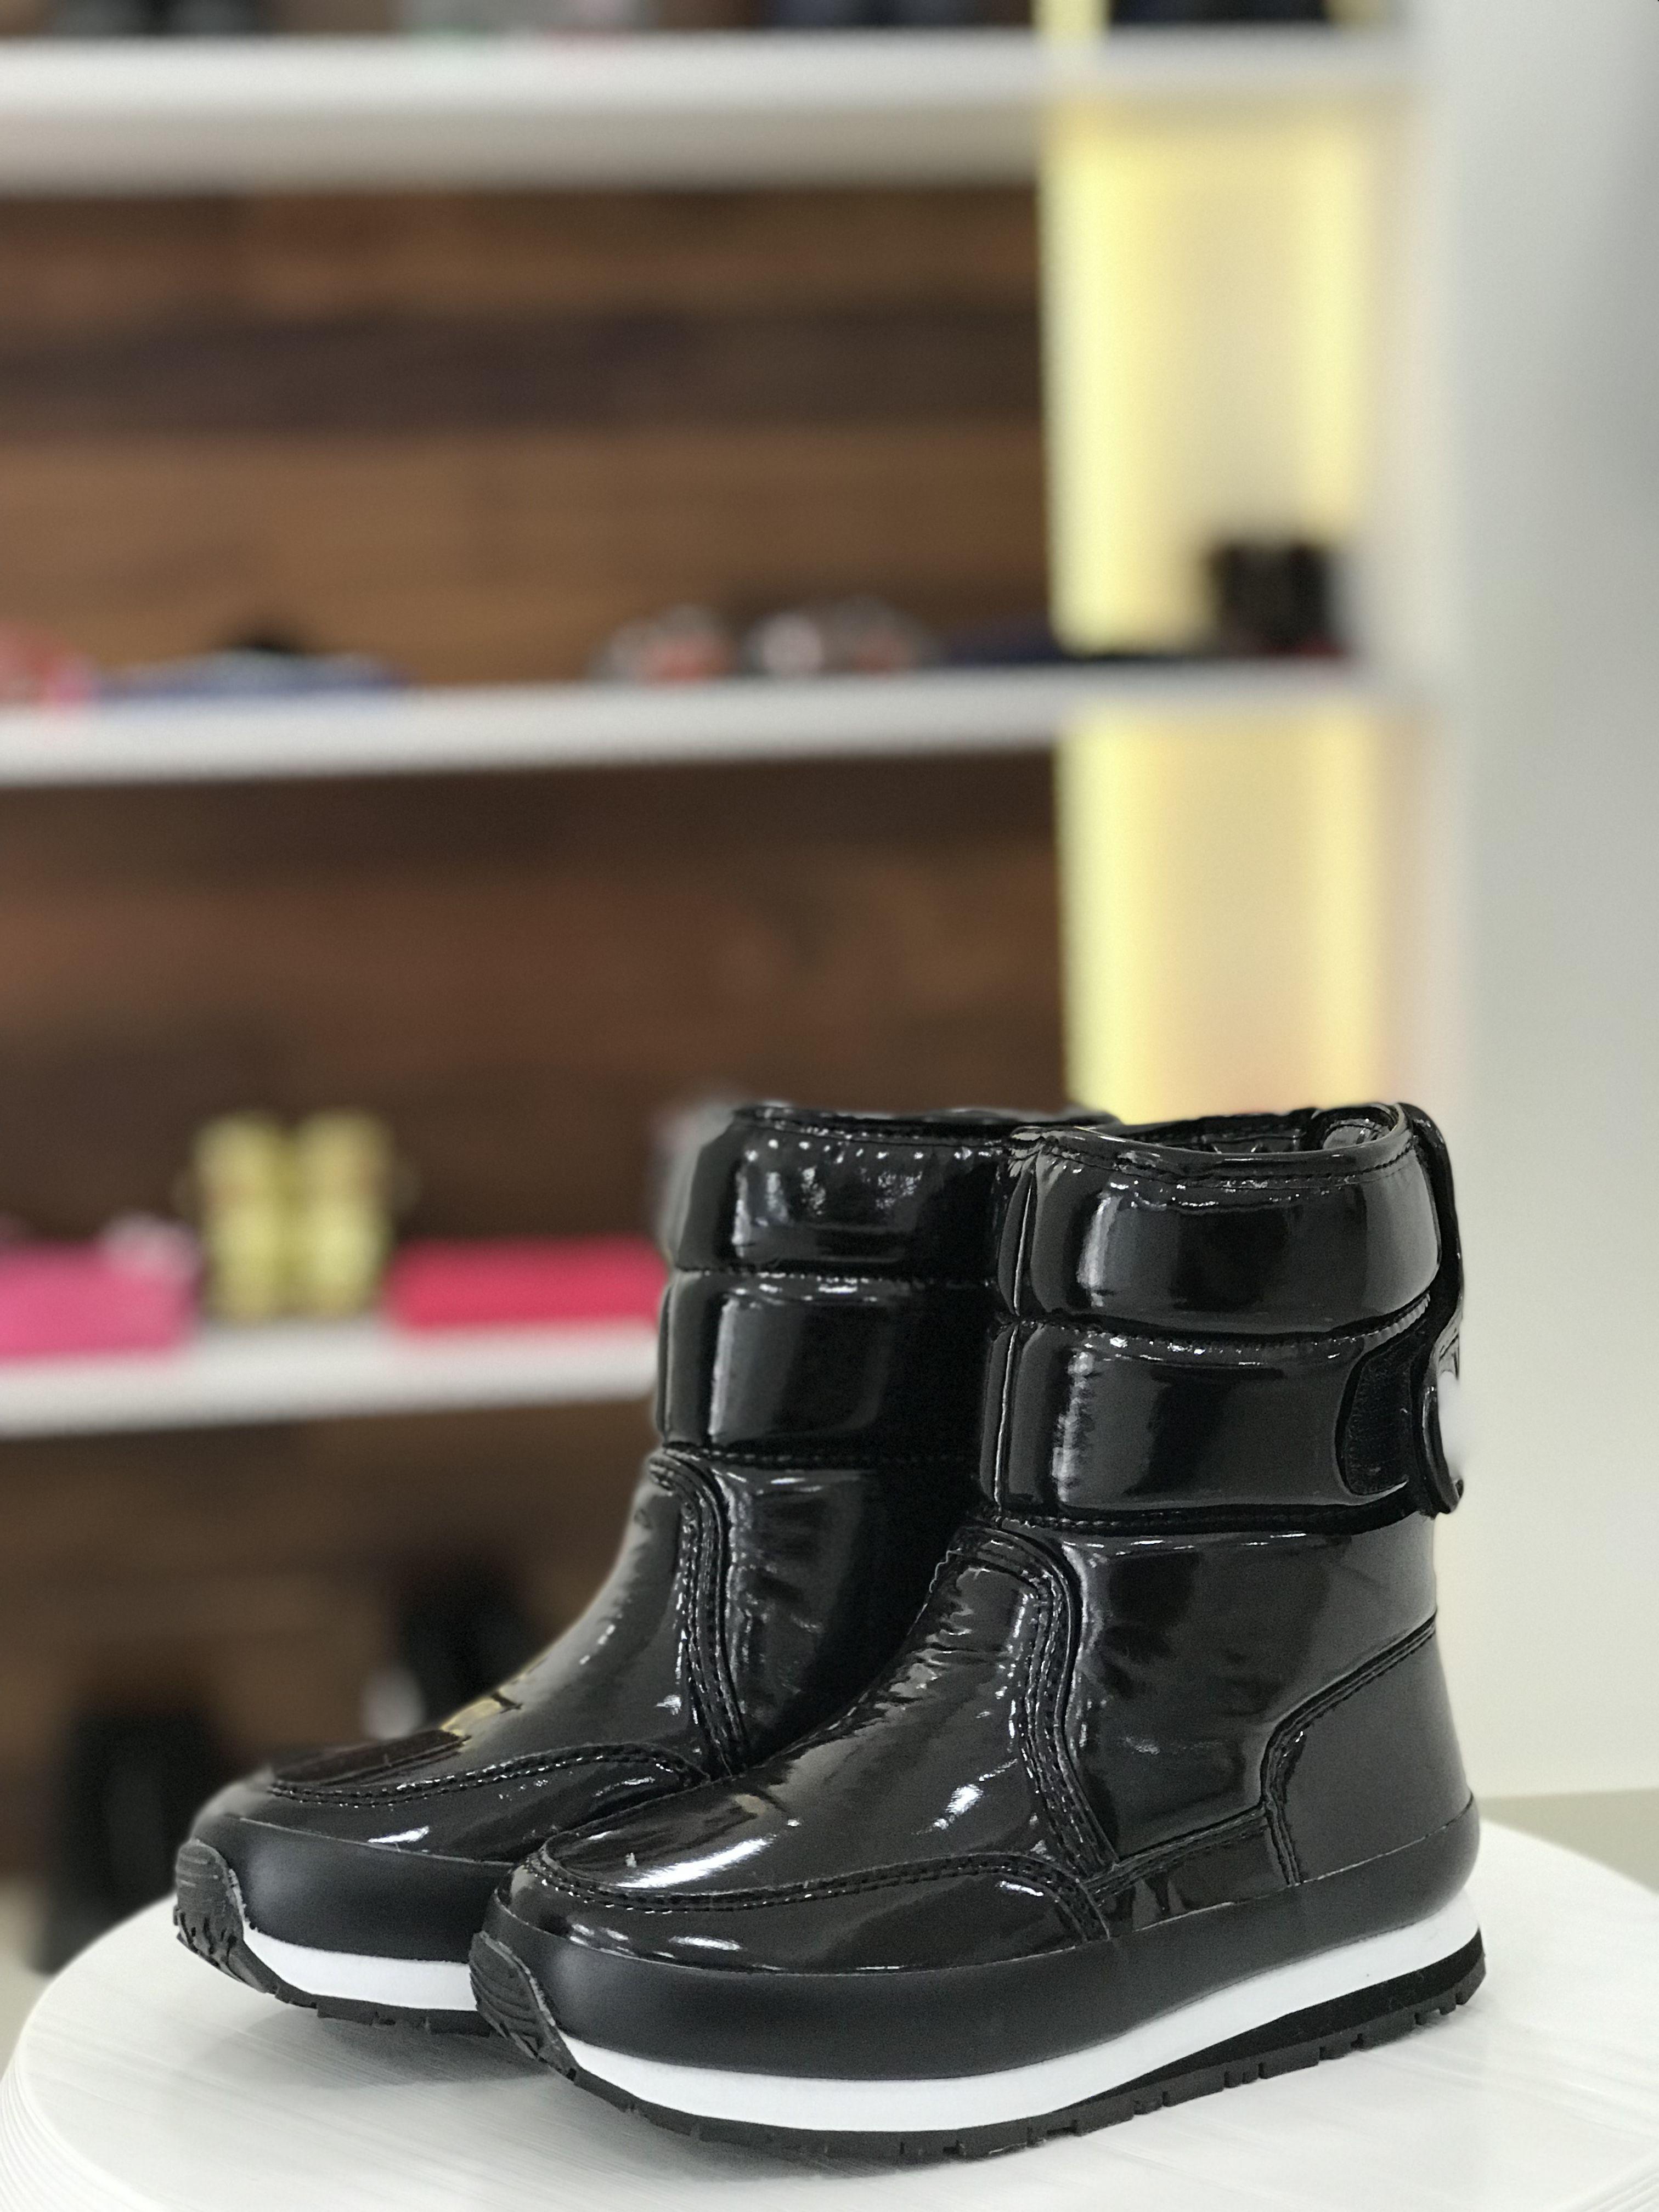 e04df9750 Conheça as nossas botas impermeáveis!